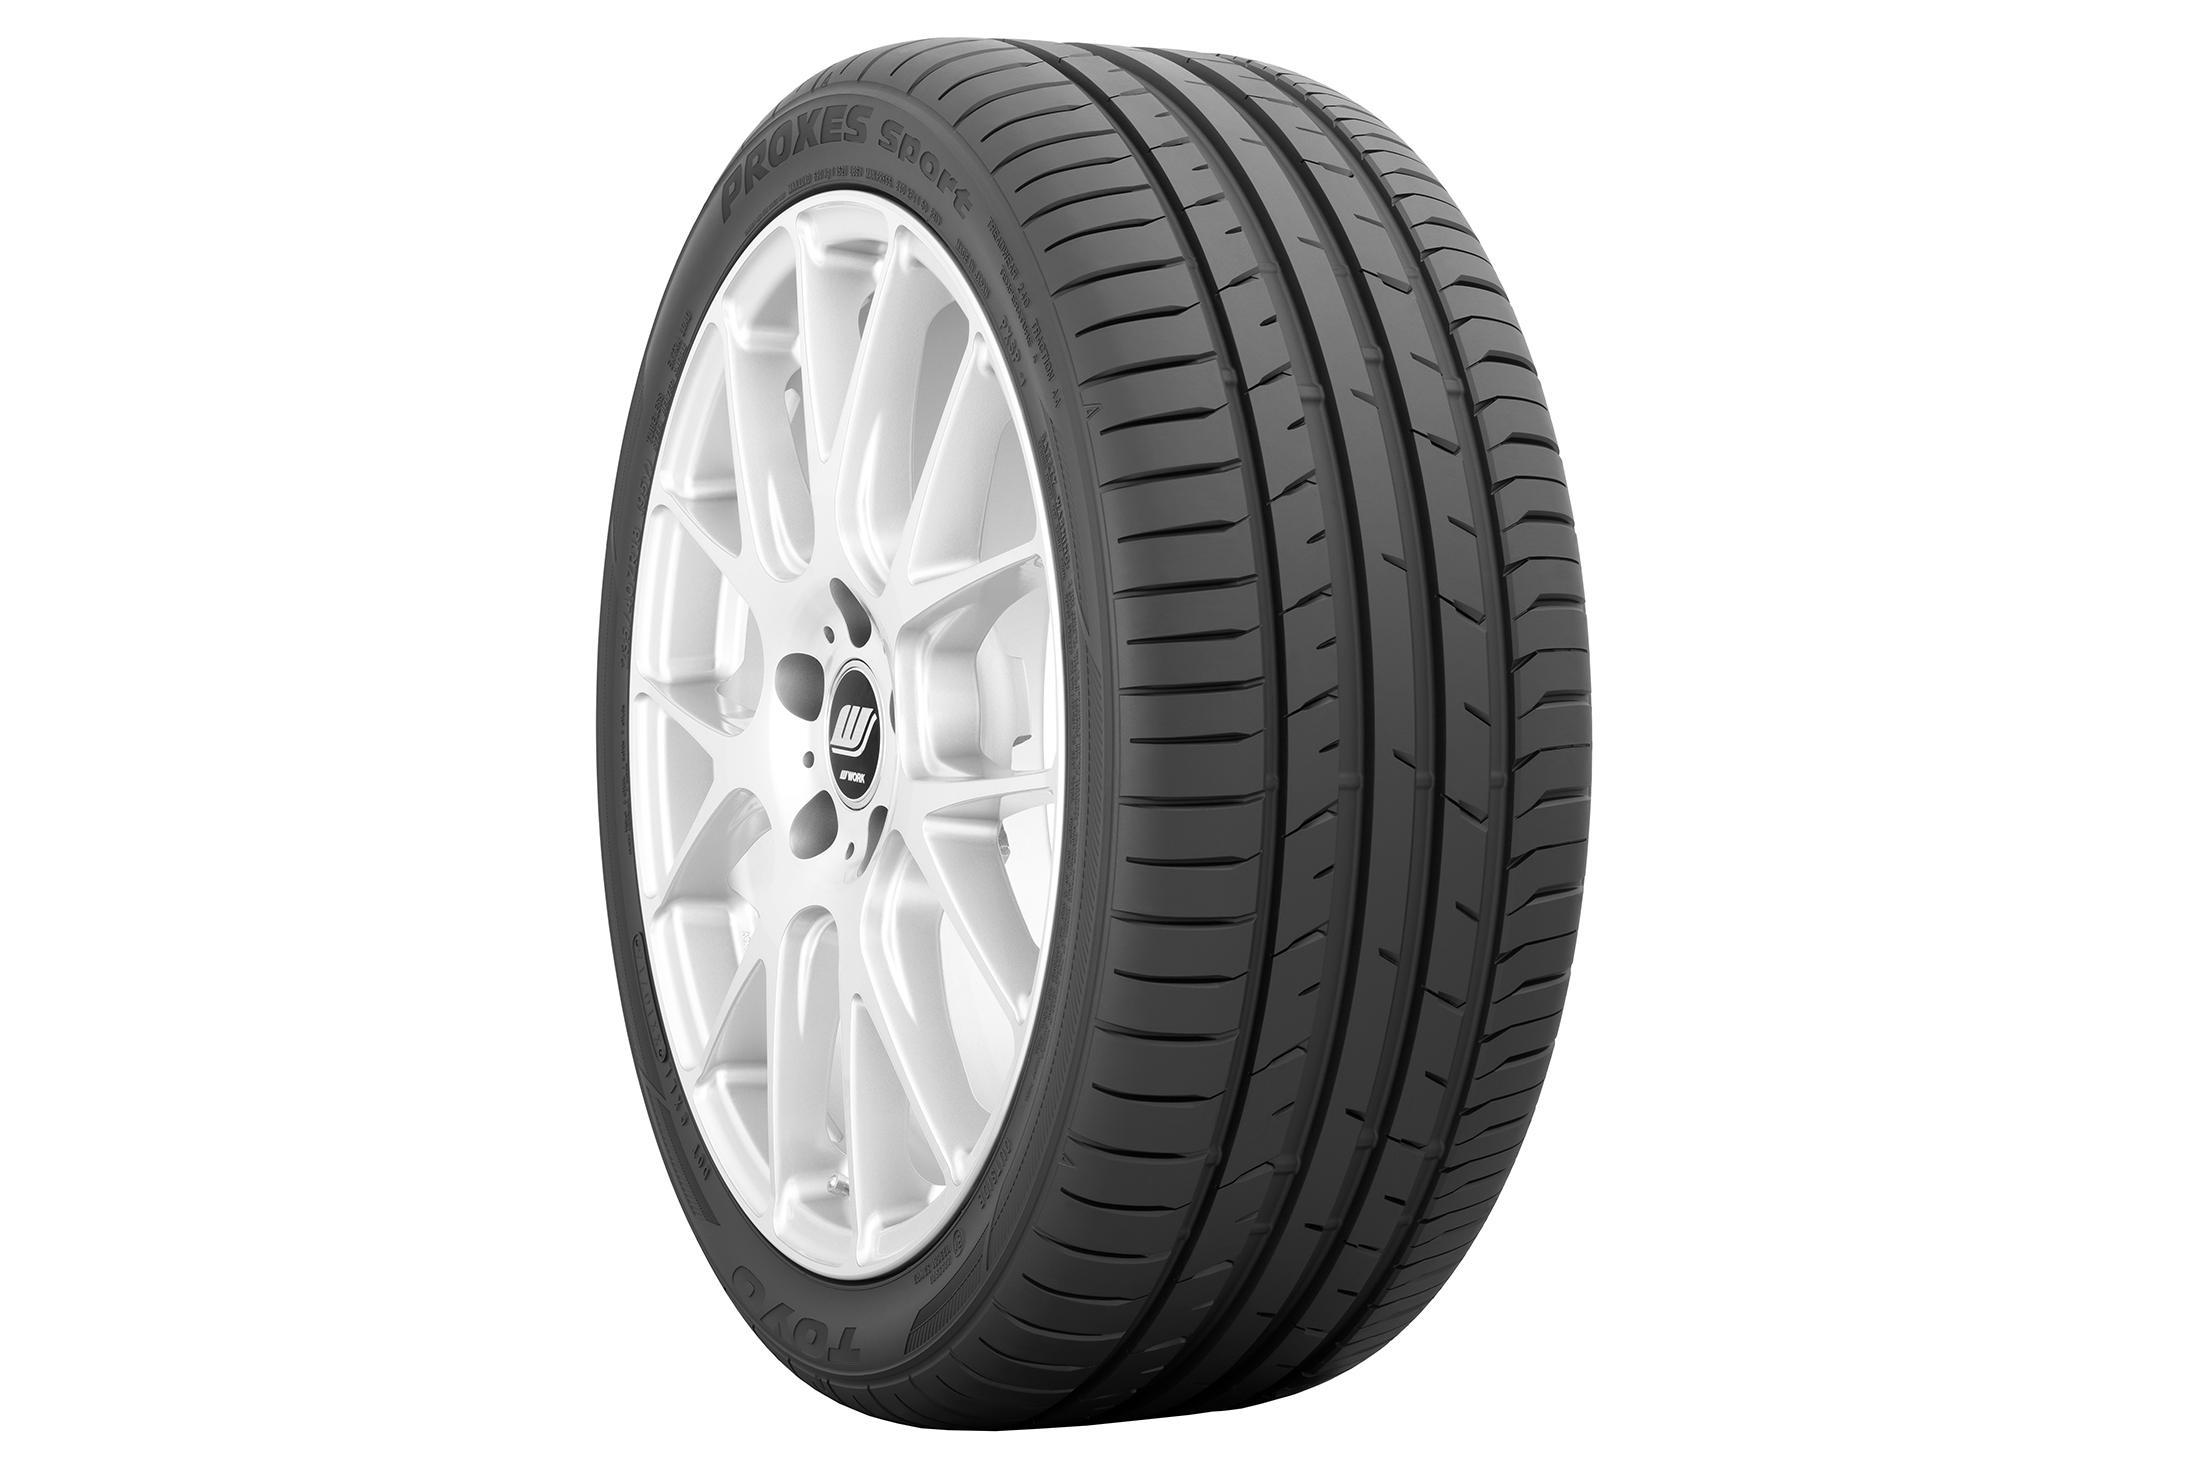 Toyo Tires представила новую спортивную шину Proxes Sport